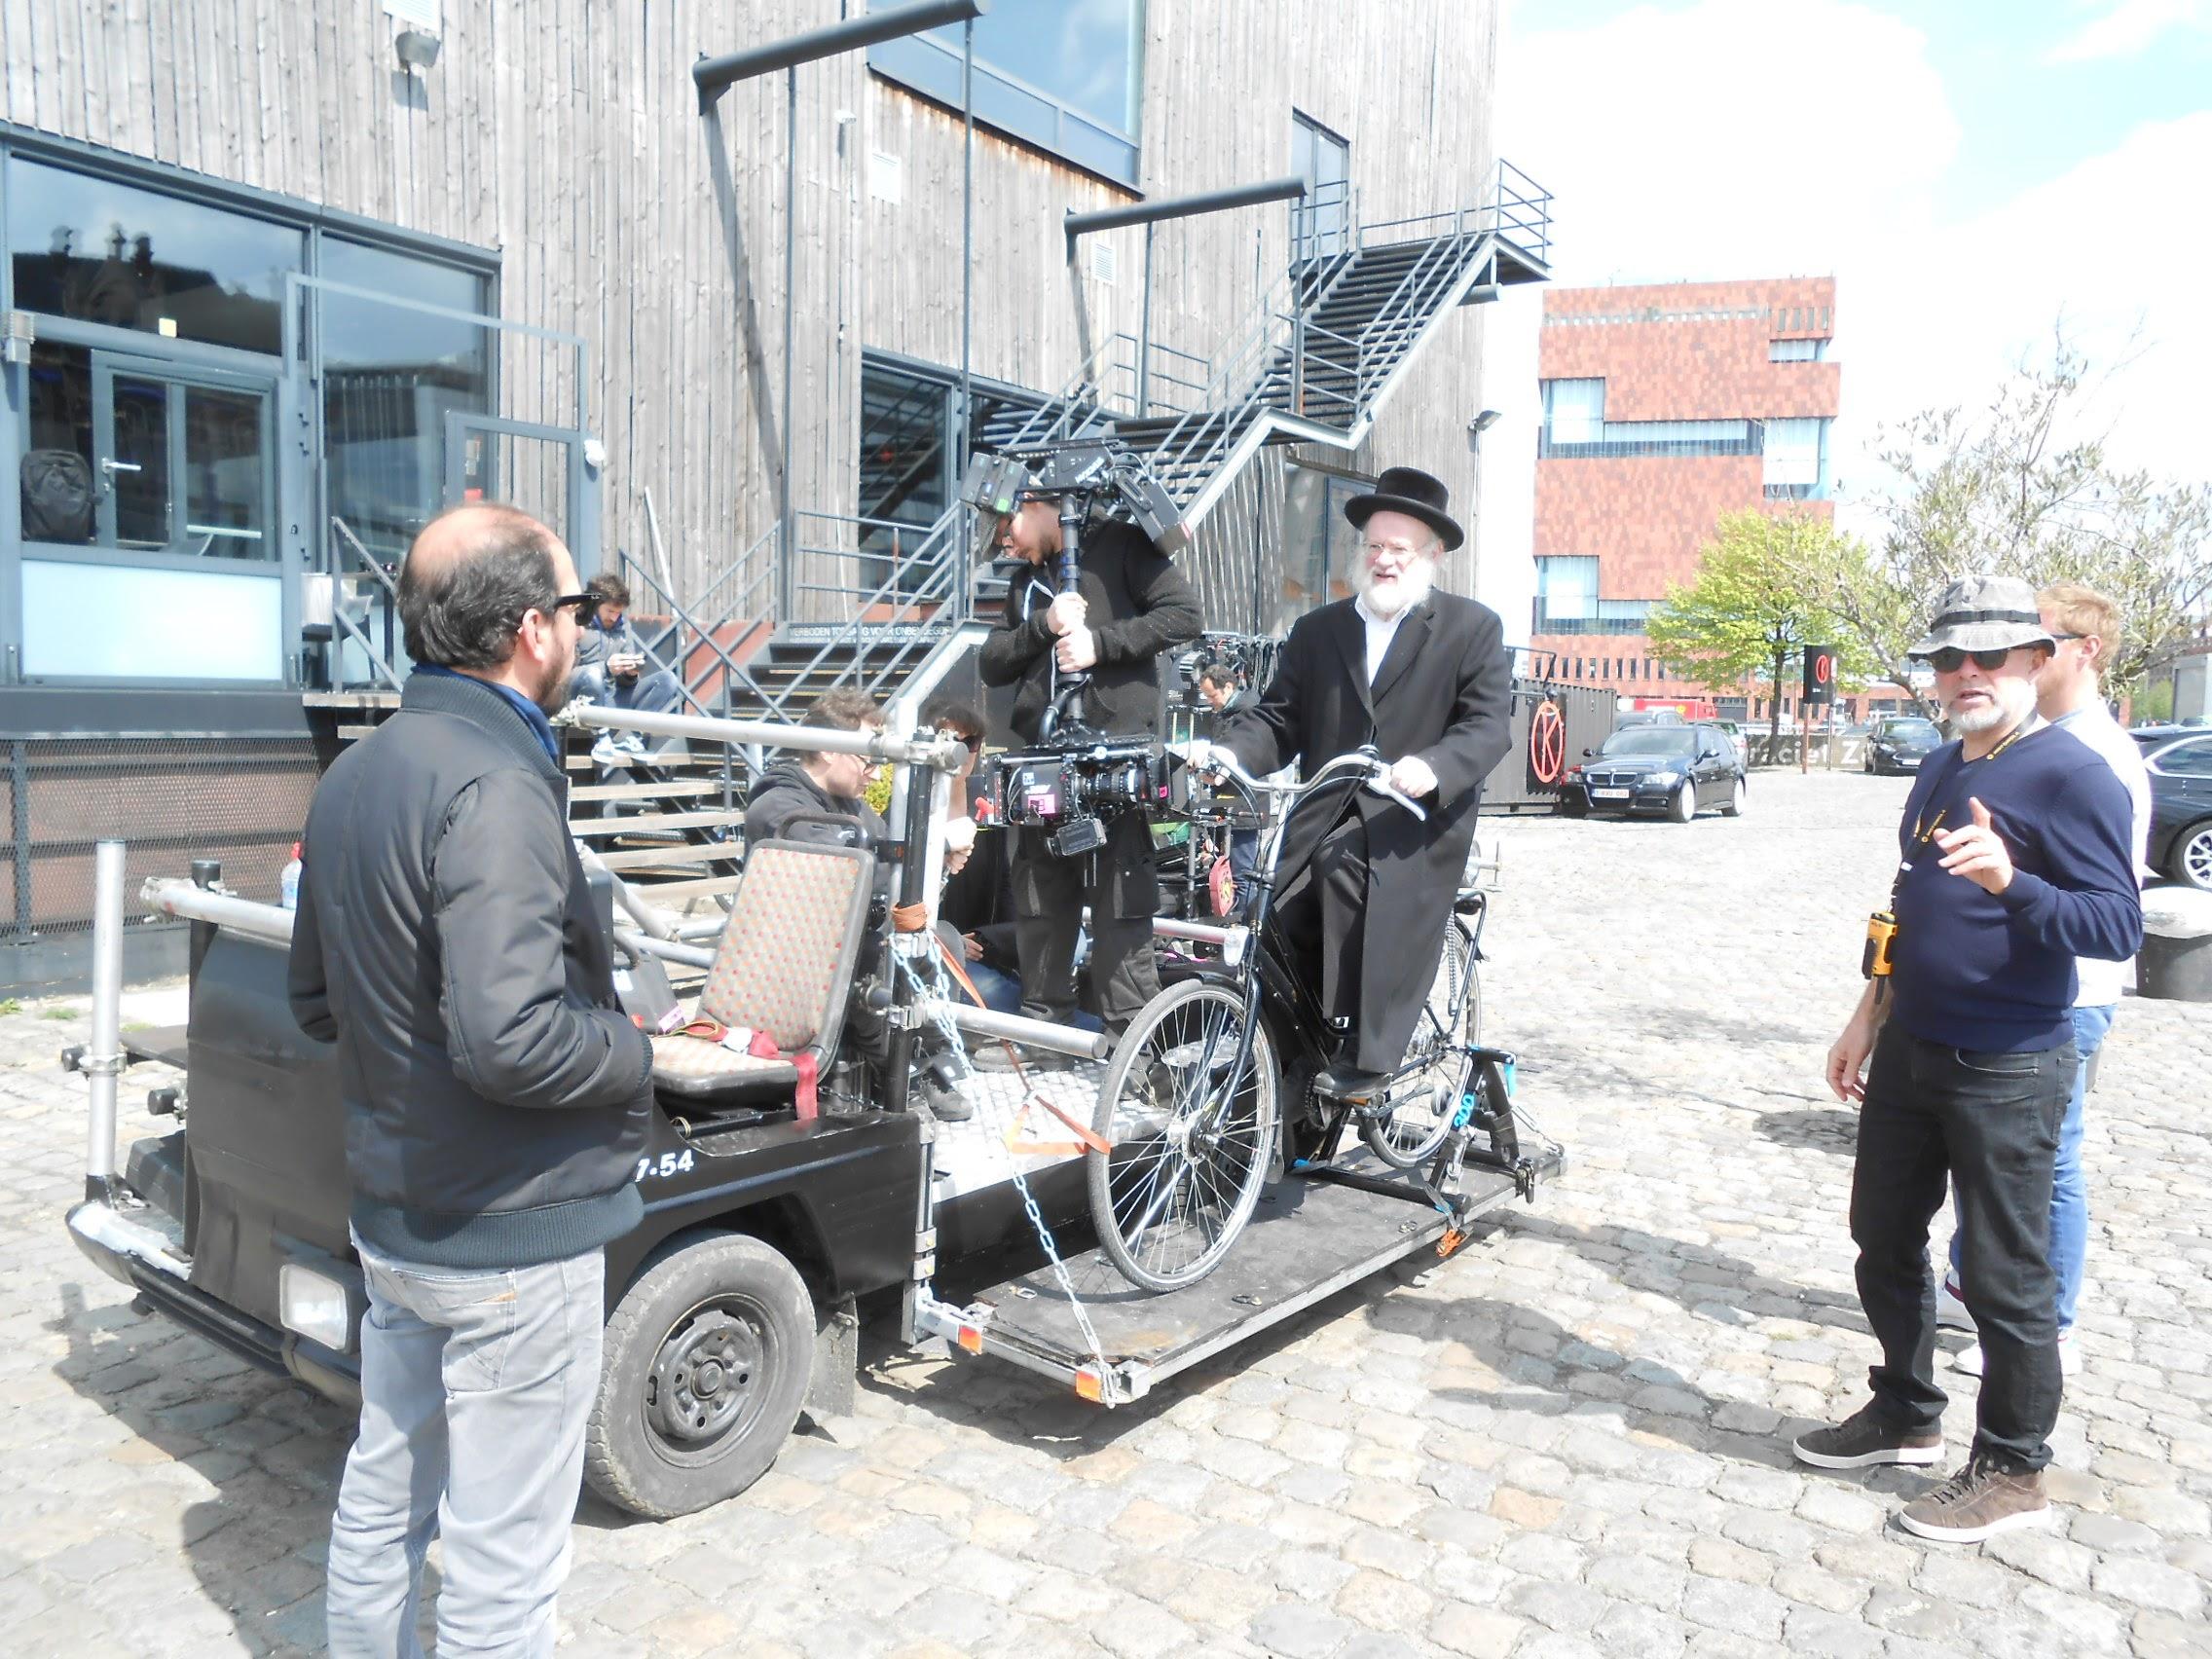 tournage-docu-fiction-anvers-alexis-veller-6